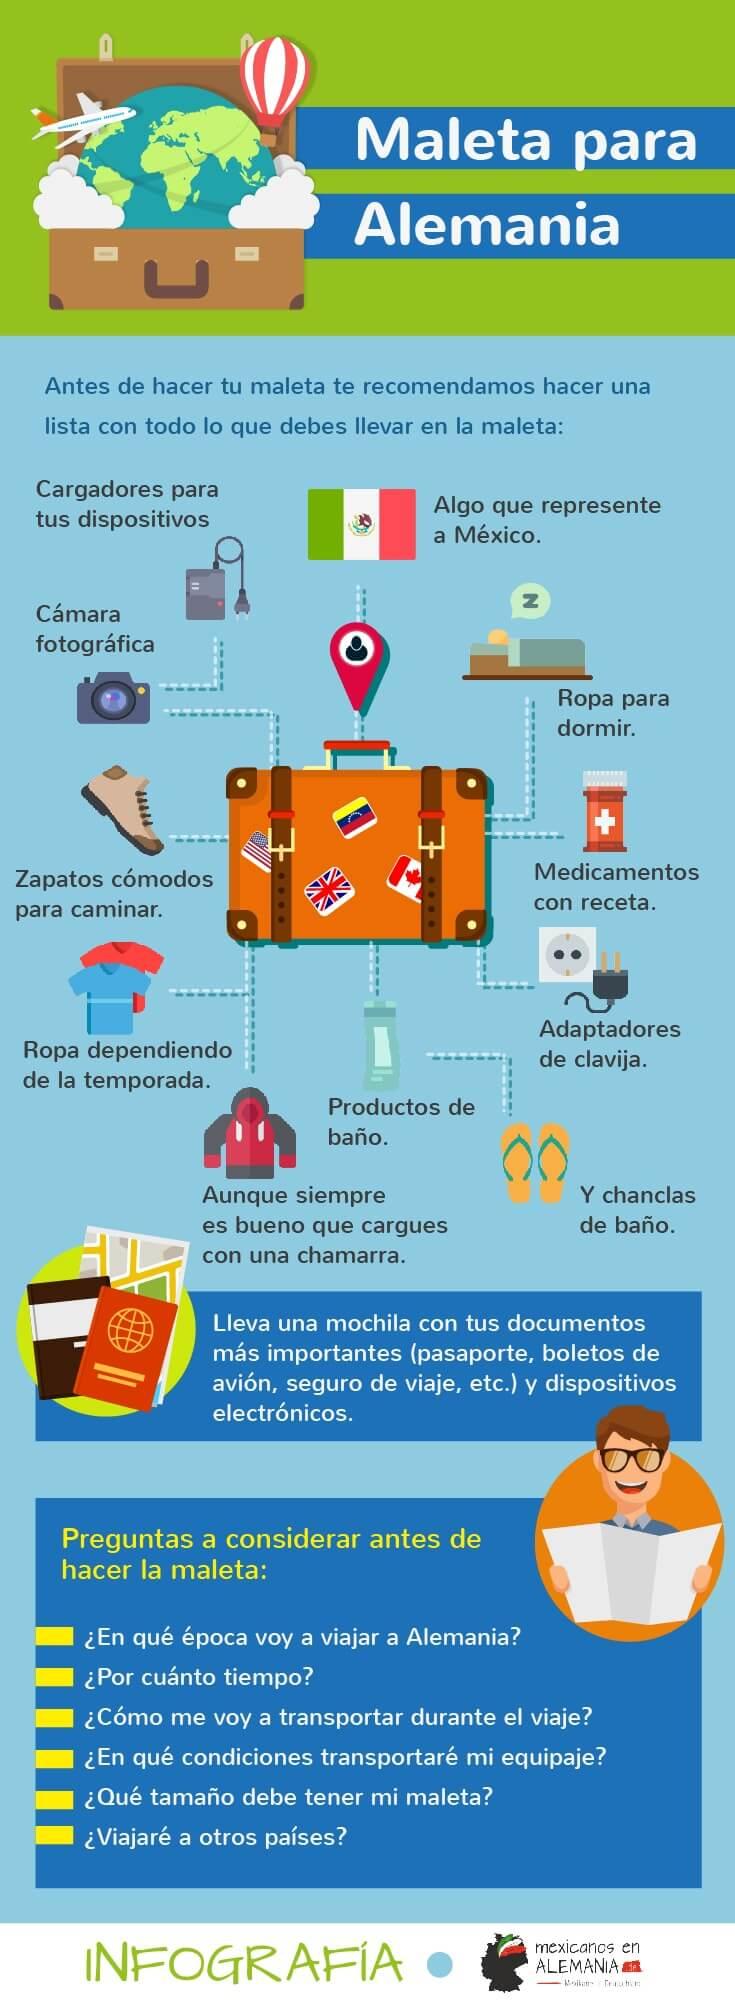 maleta para alemania - infografía